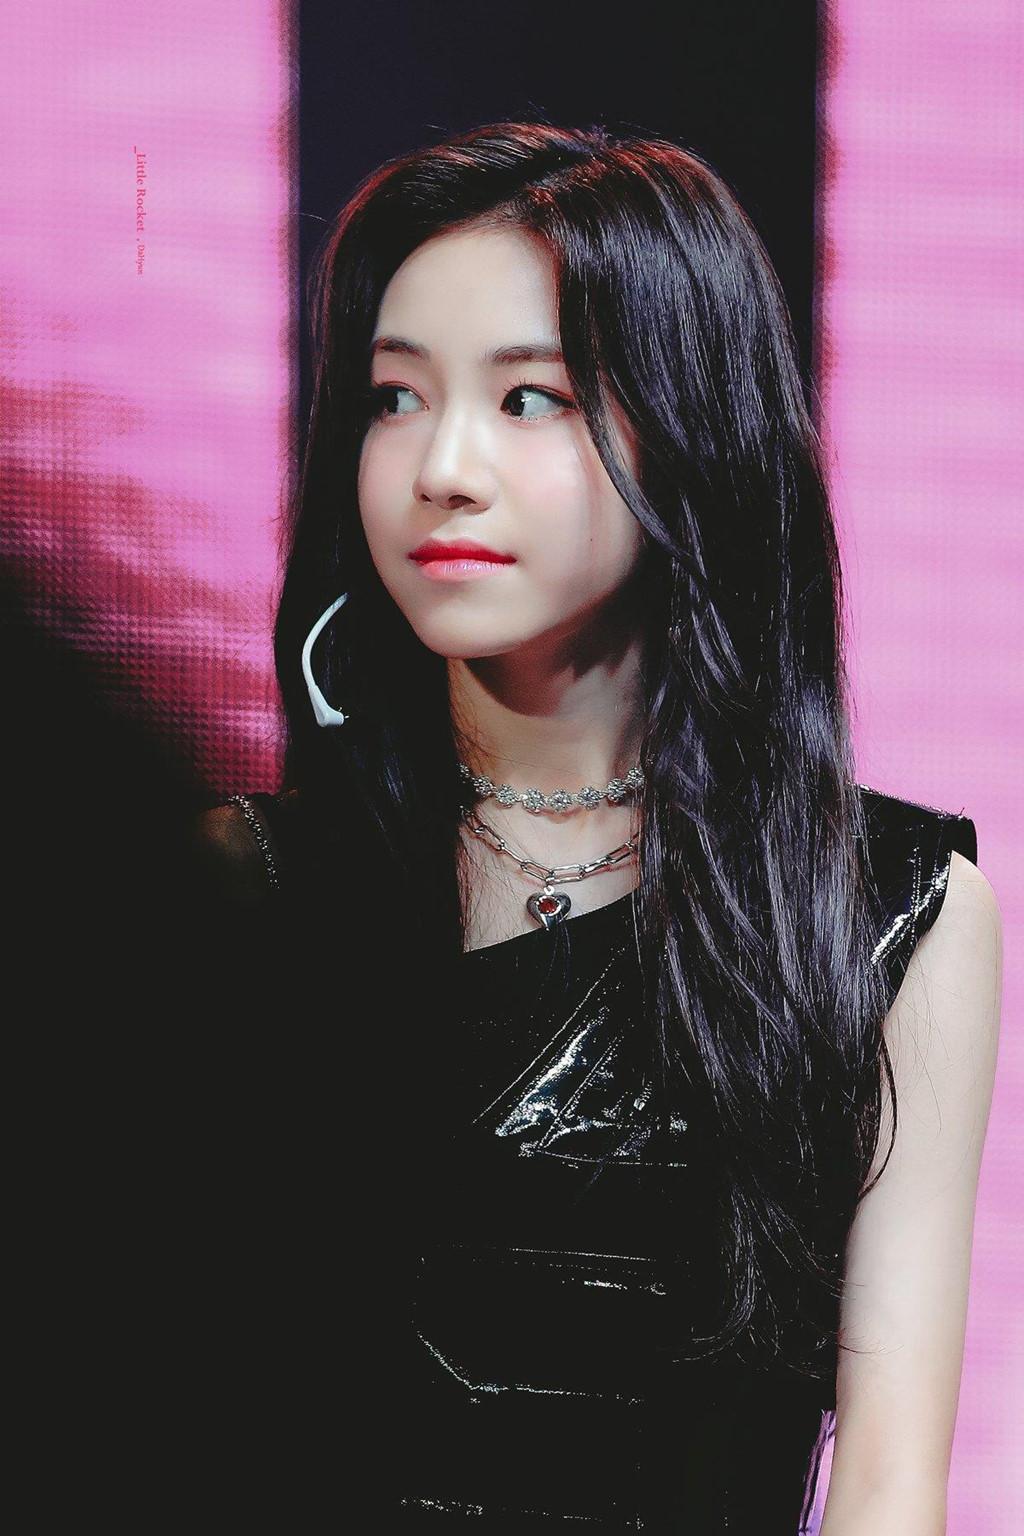 Nhan sắc nữ thần tượng nhỏ tuổi nhất Kpop gây chú ý - Hình 8